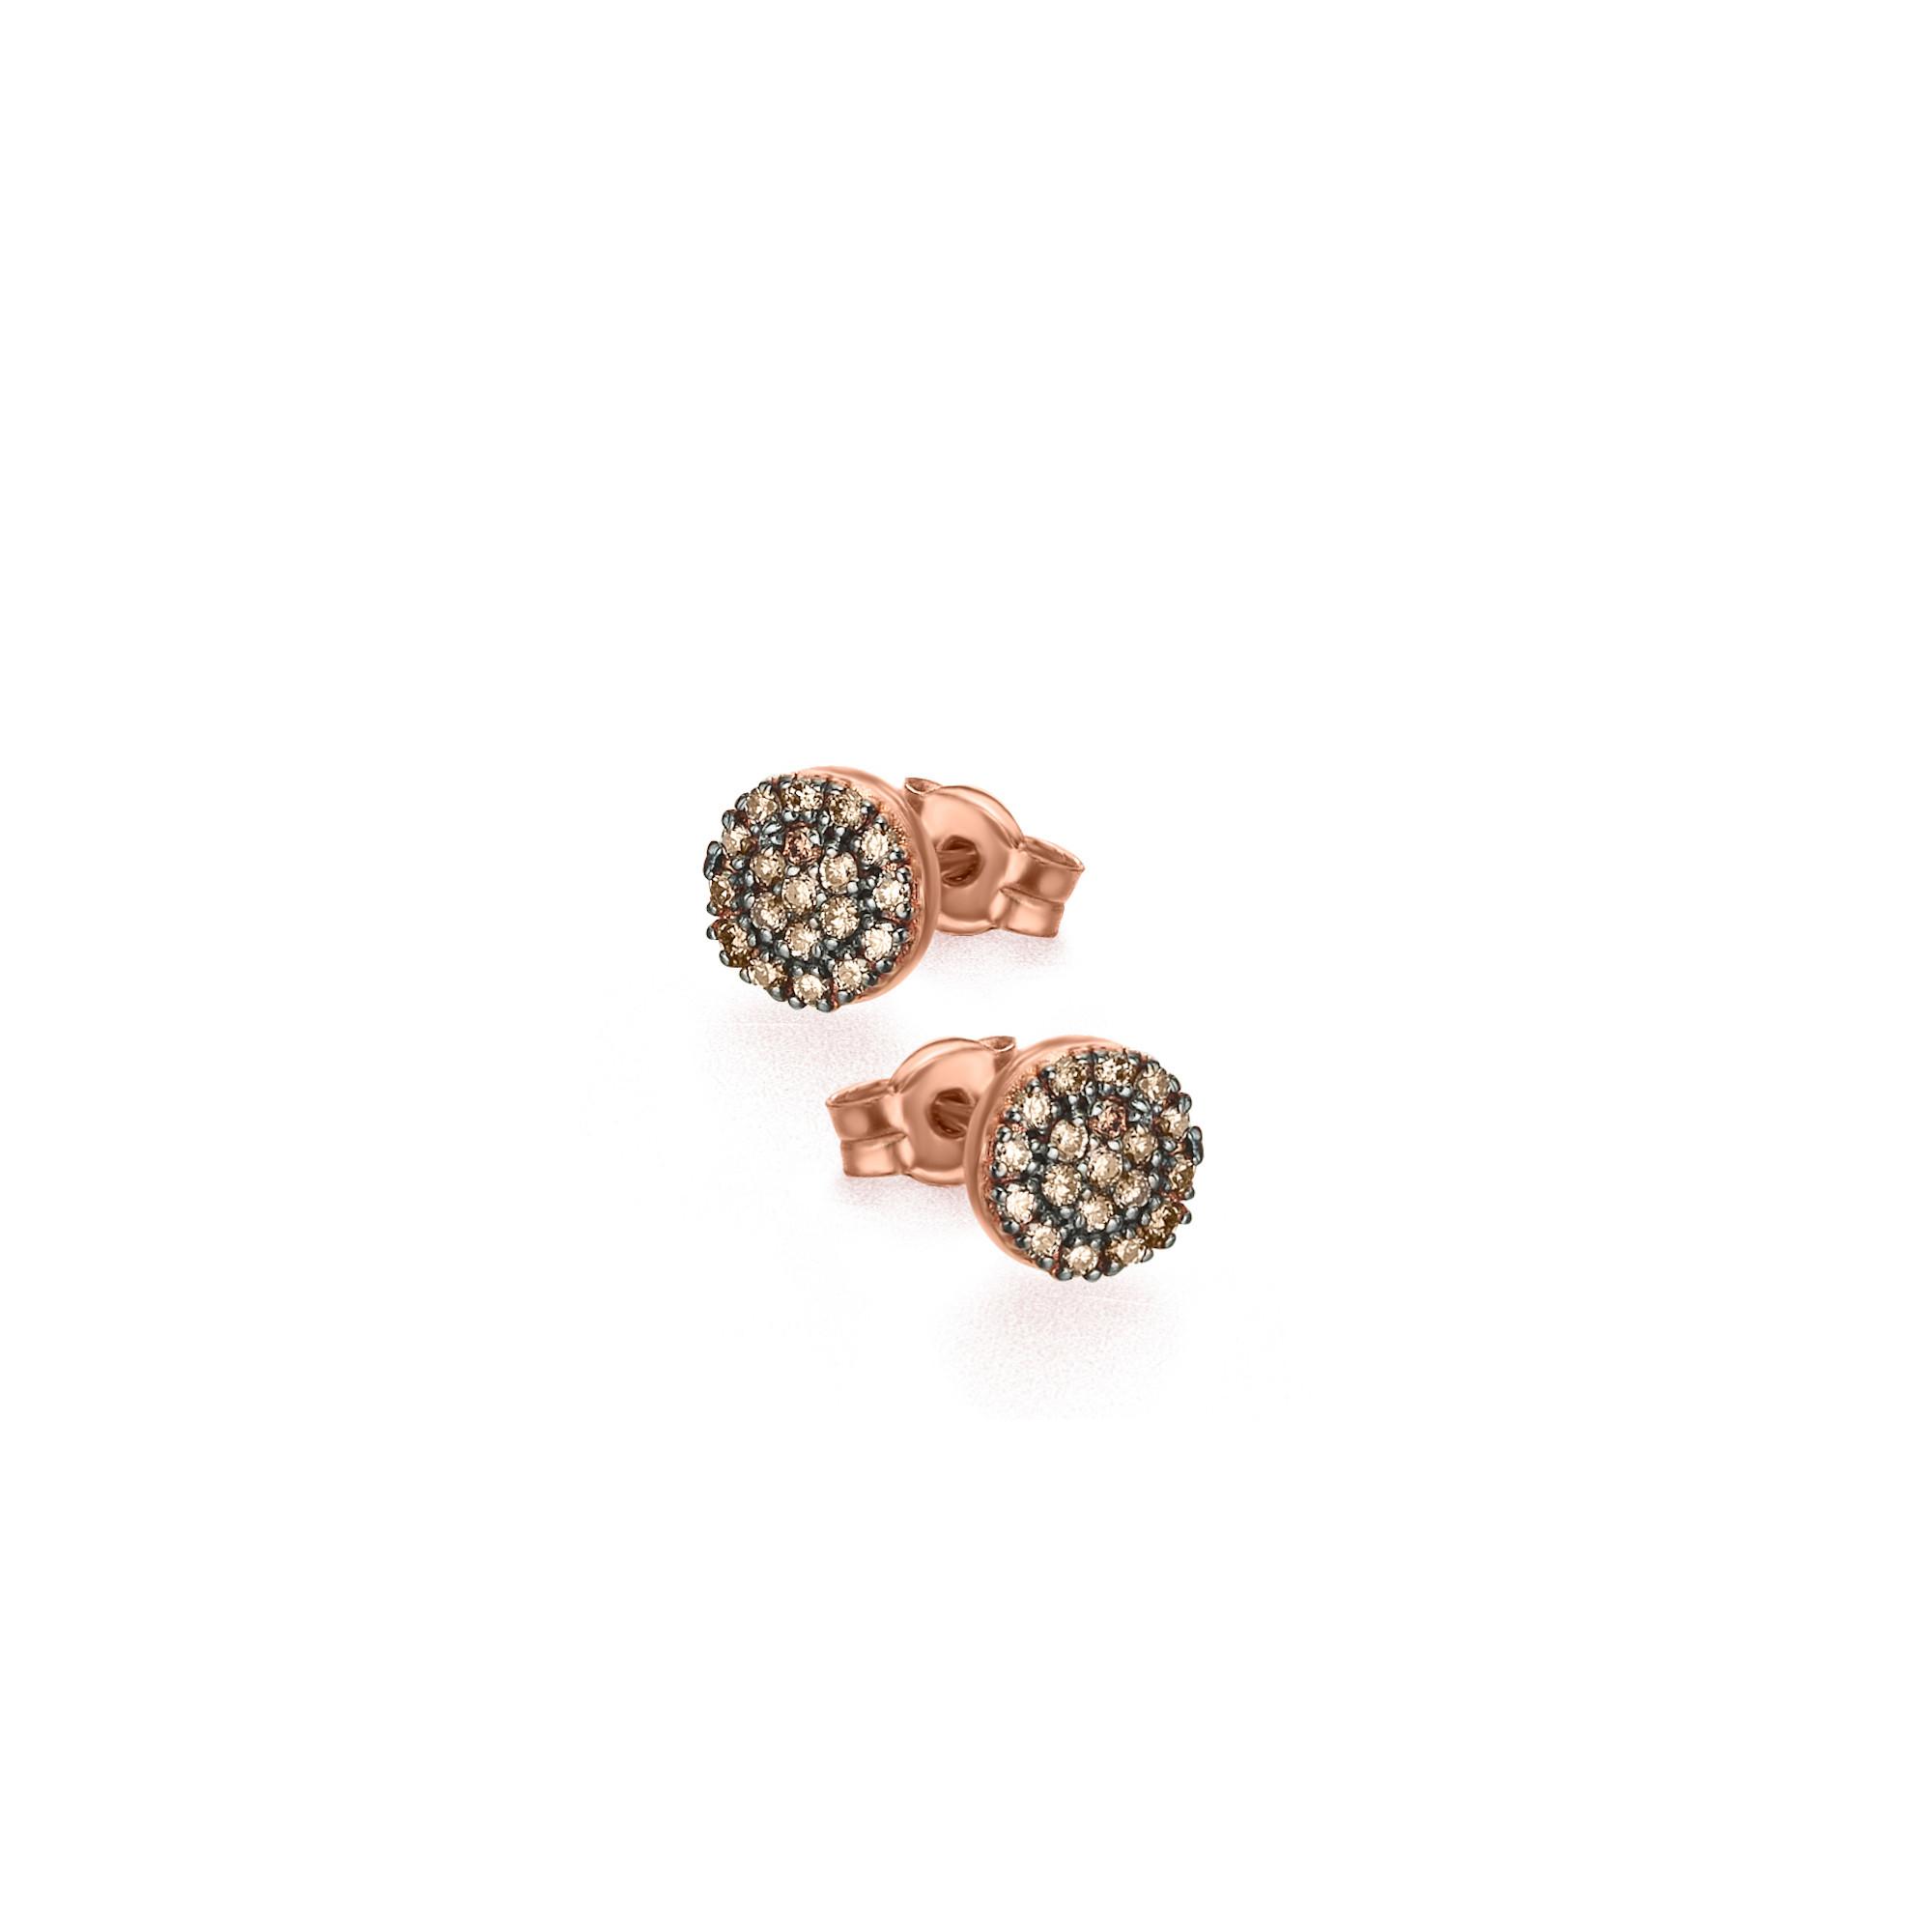 GB090ORBR orecchini oro rosa diamanti brown diamonds earrings discount sconto